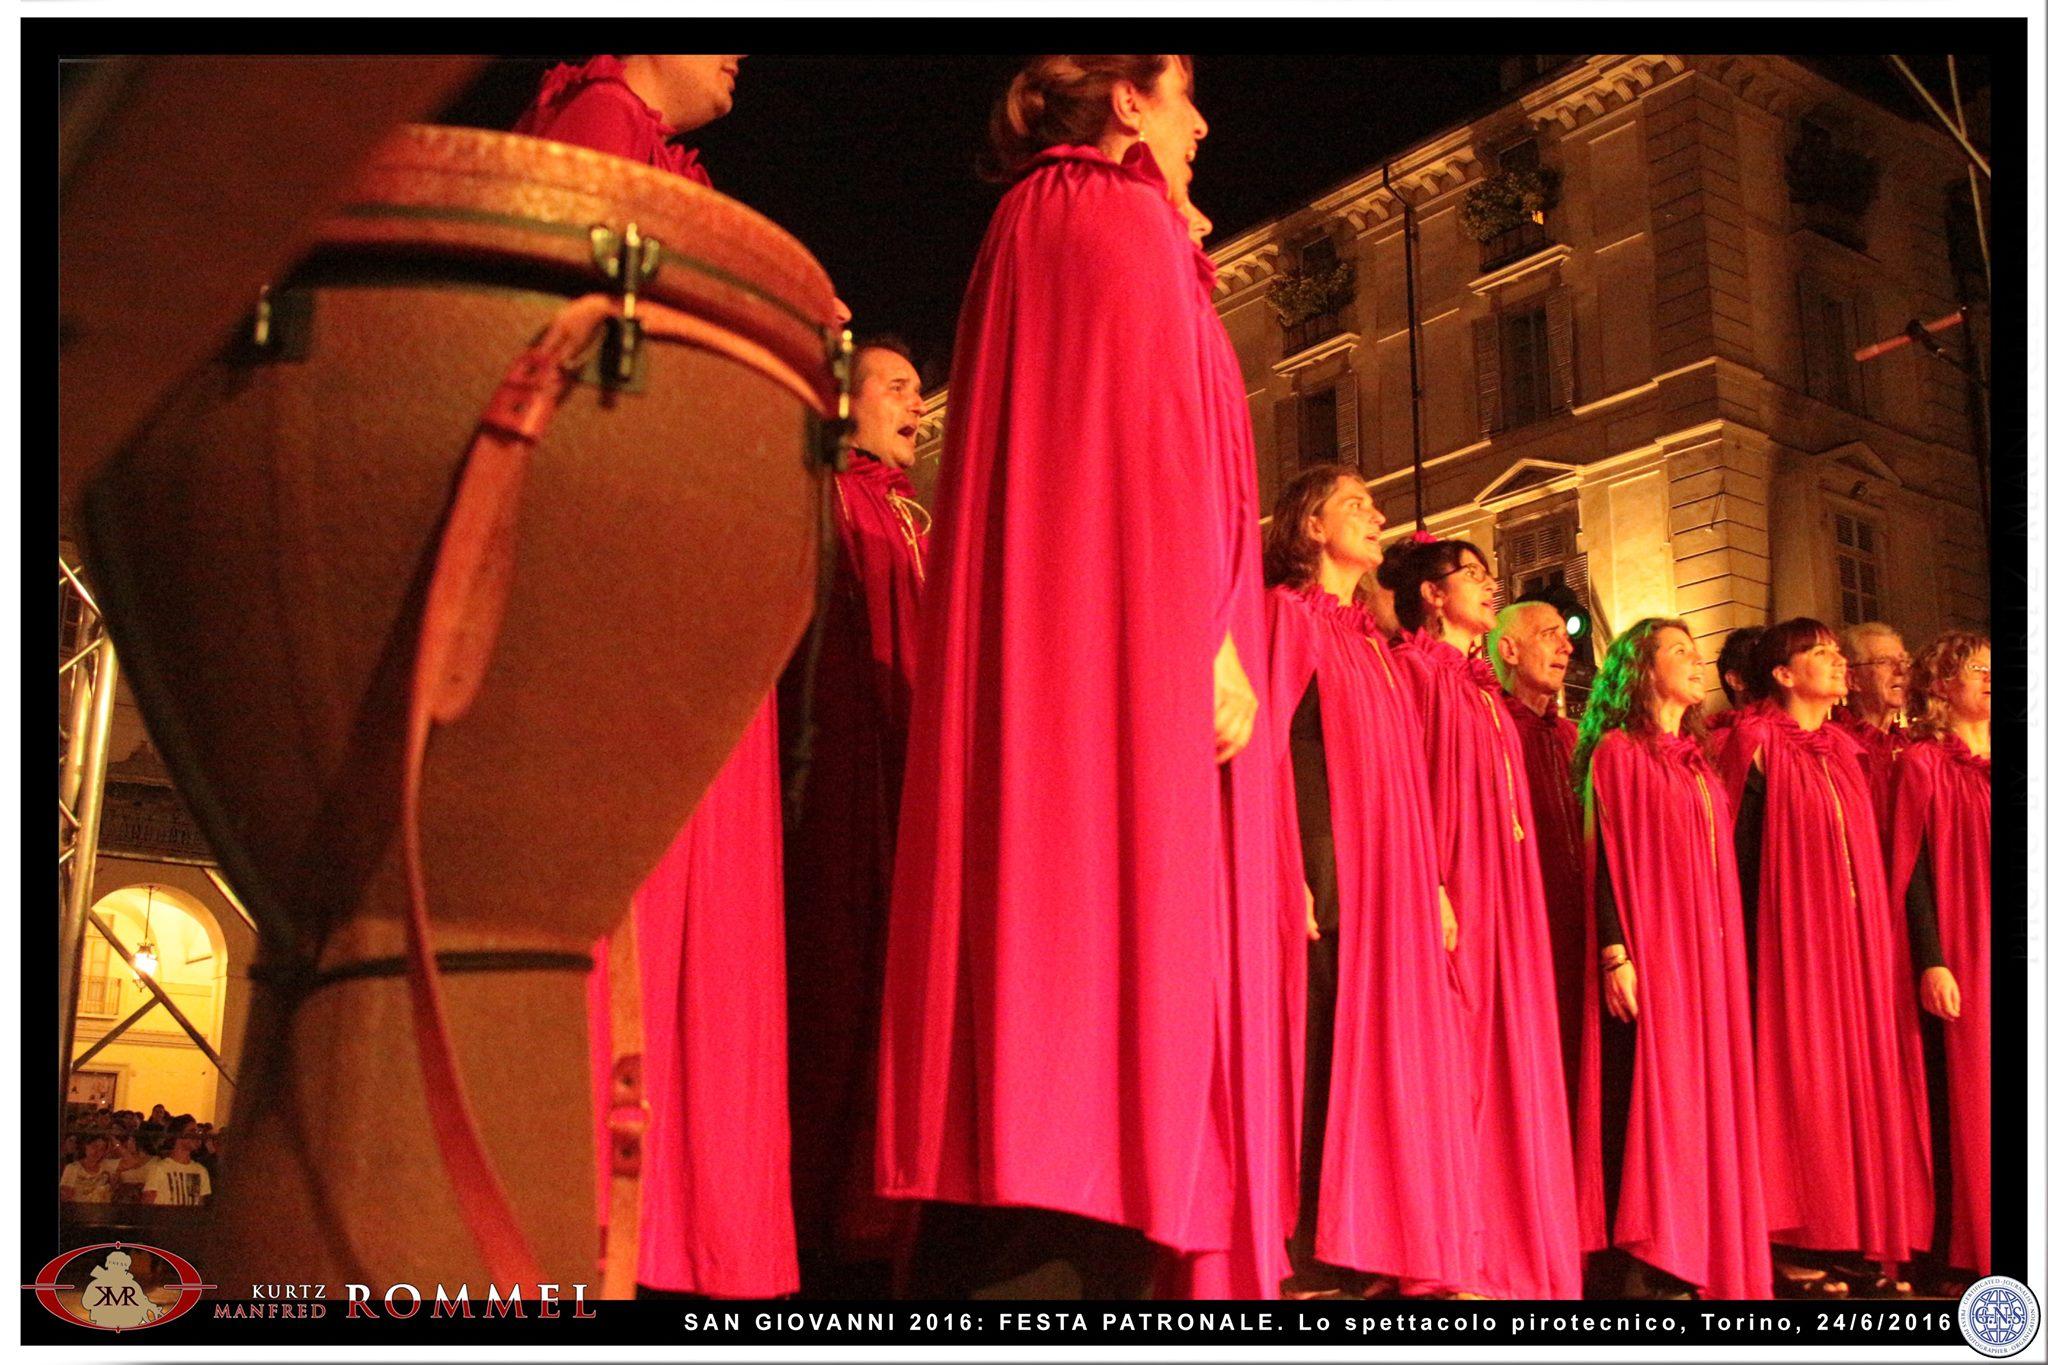 E' la sera del 24 Giugno 2016, ovvero la festa di San Giovanni, patrono di Torino. Una festa che fa parte della cultura storica della città esoterica per eccellenza, e […]